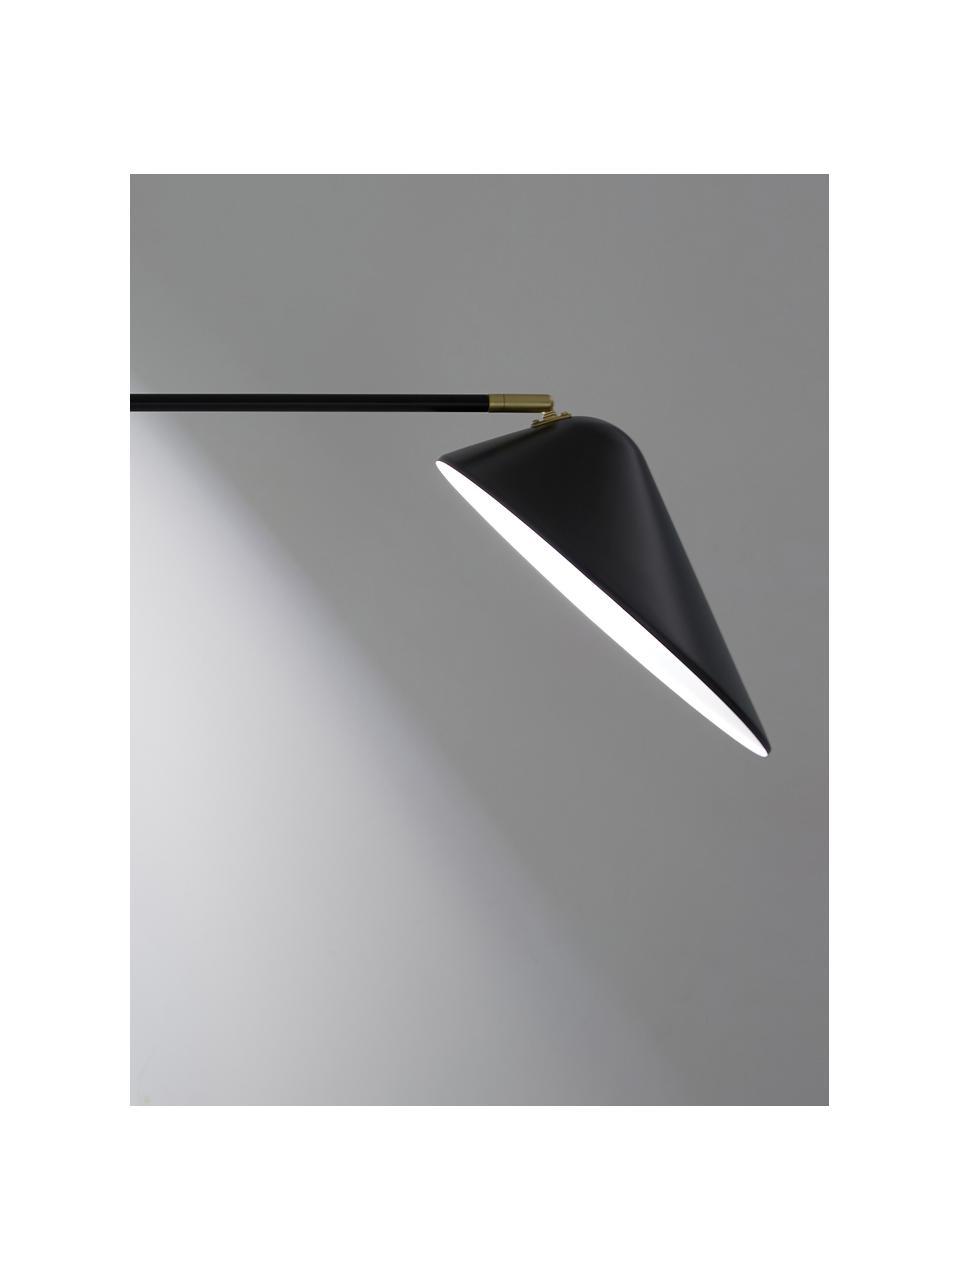 Große Wandleuchte Neron mit Stecker und Gold-Dekor in Schwarz, Lampenschirm: Metall, pulverbeschichtet, Dekor: Metall, vermessingt, Schwarz, 27 x 15 cm